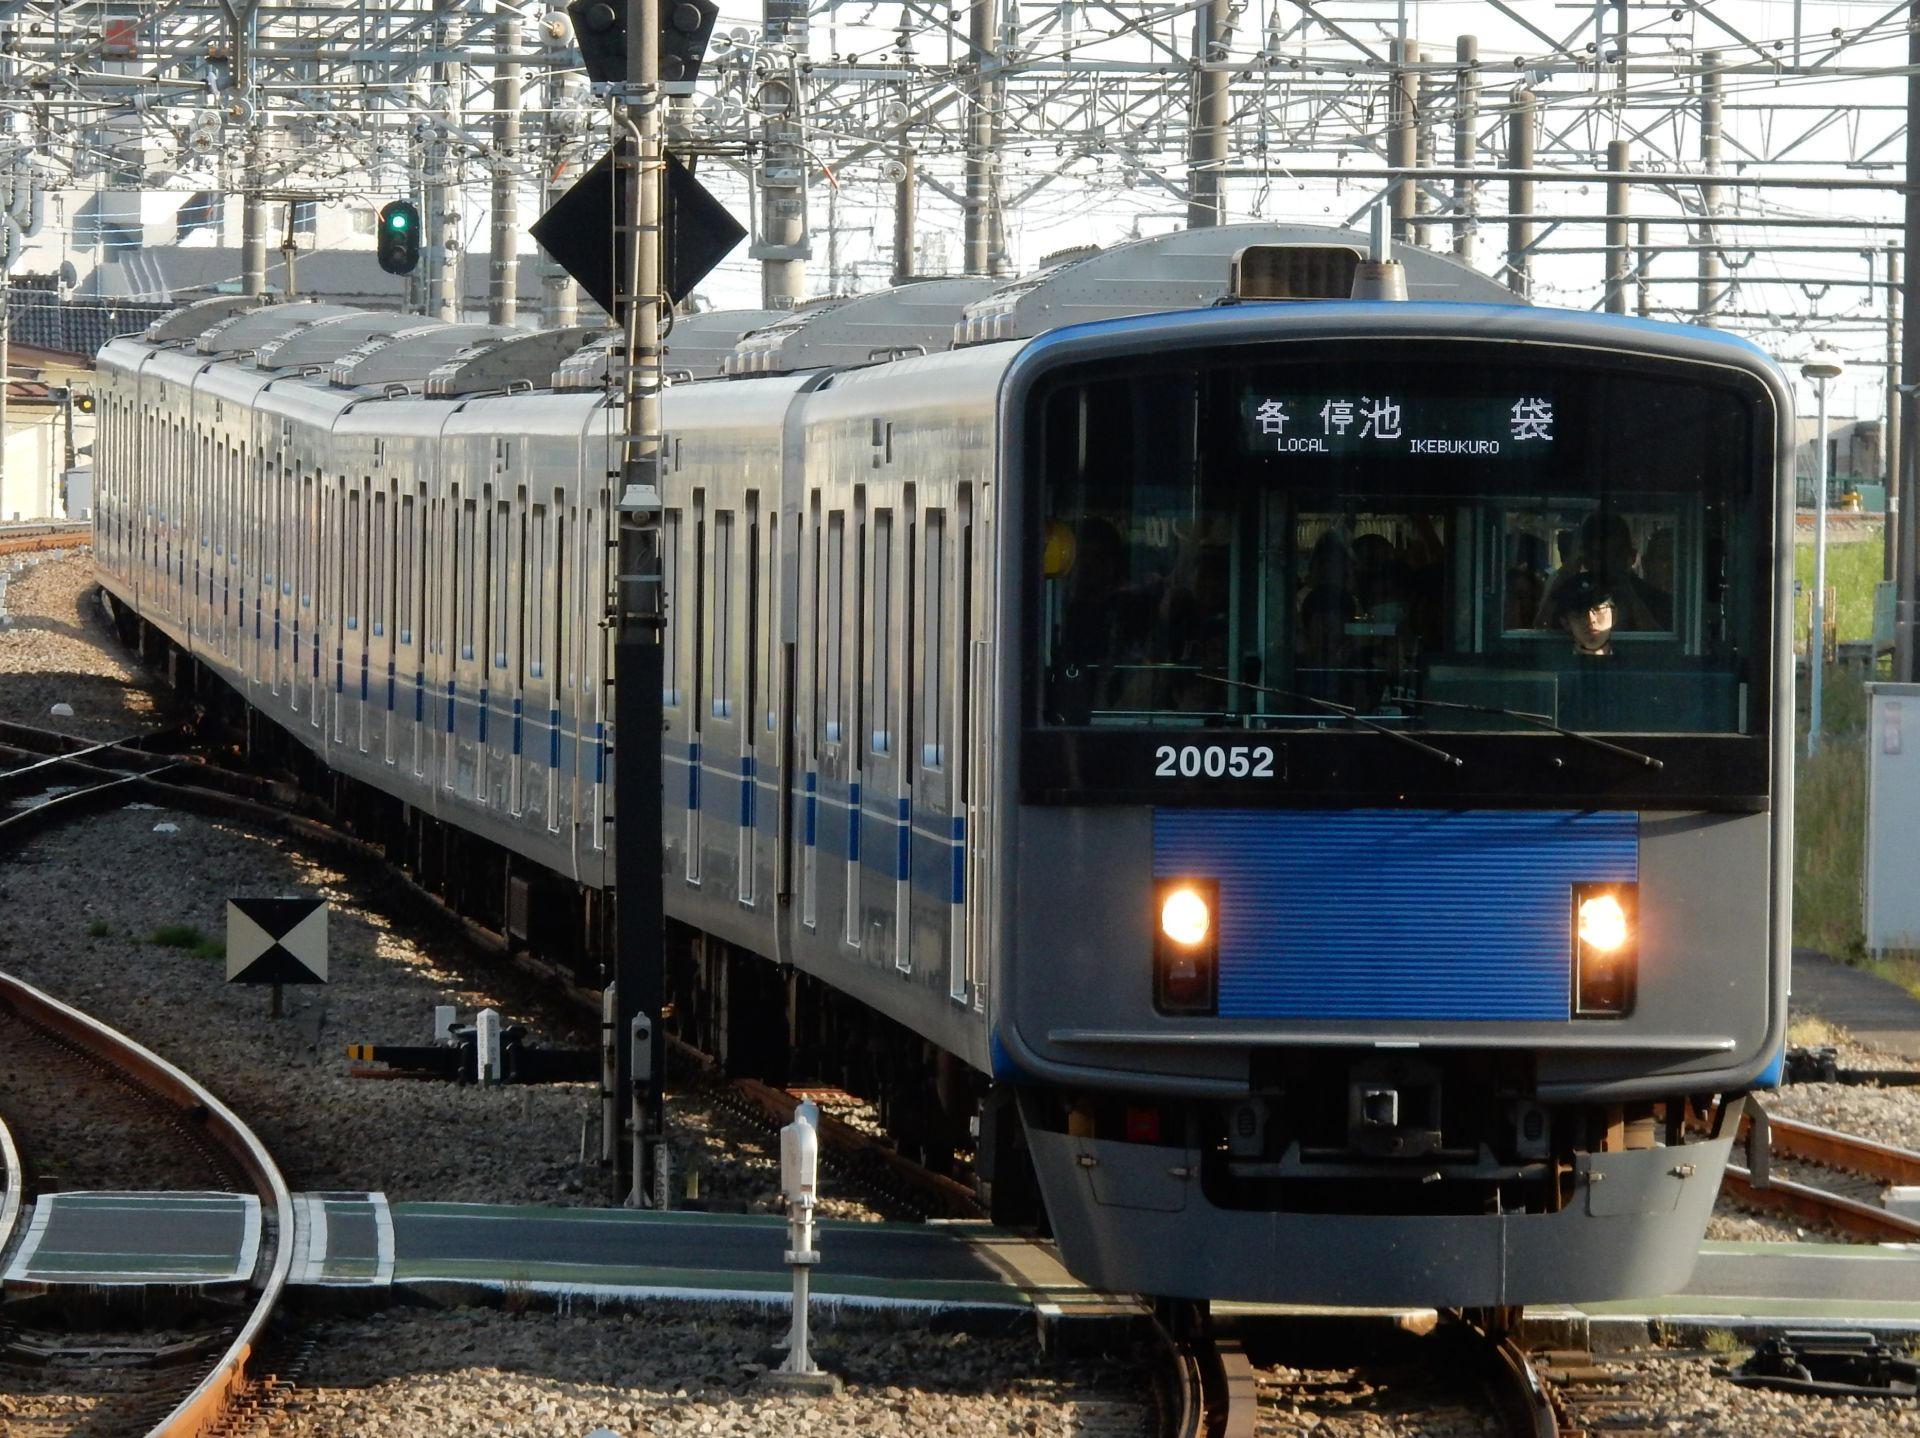 DSCN9113 - コピー